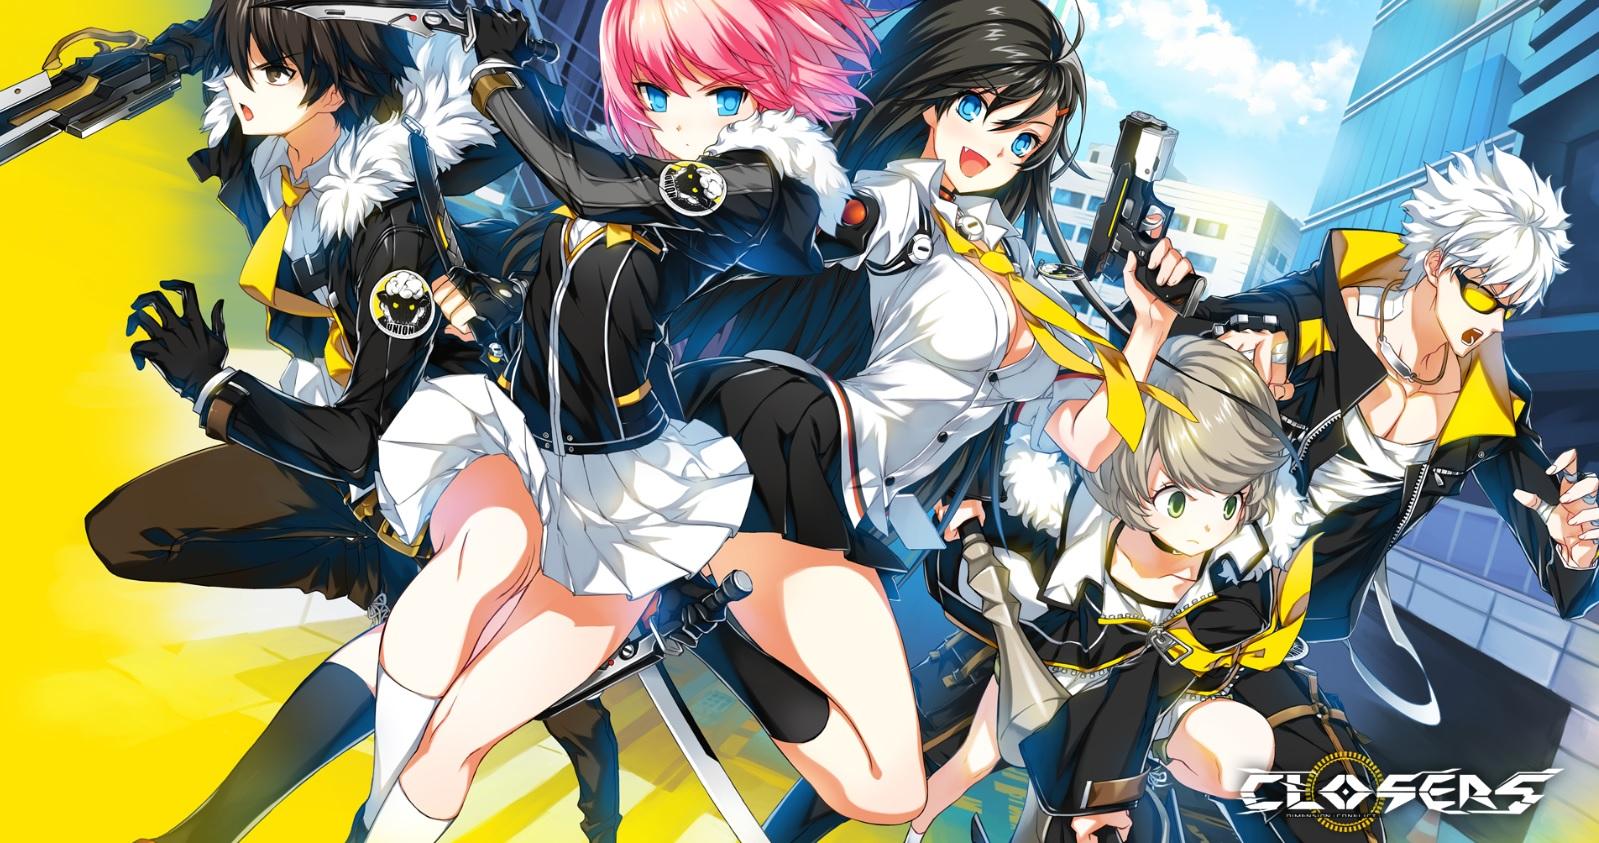 Closers Online เกมอนิเมะสุดมันส์ขวัญใจชาวไทย เตรียมเปิด OBT เร็วๆ นี้!